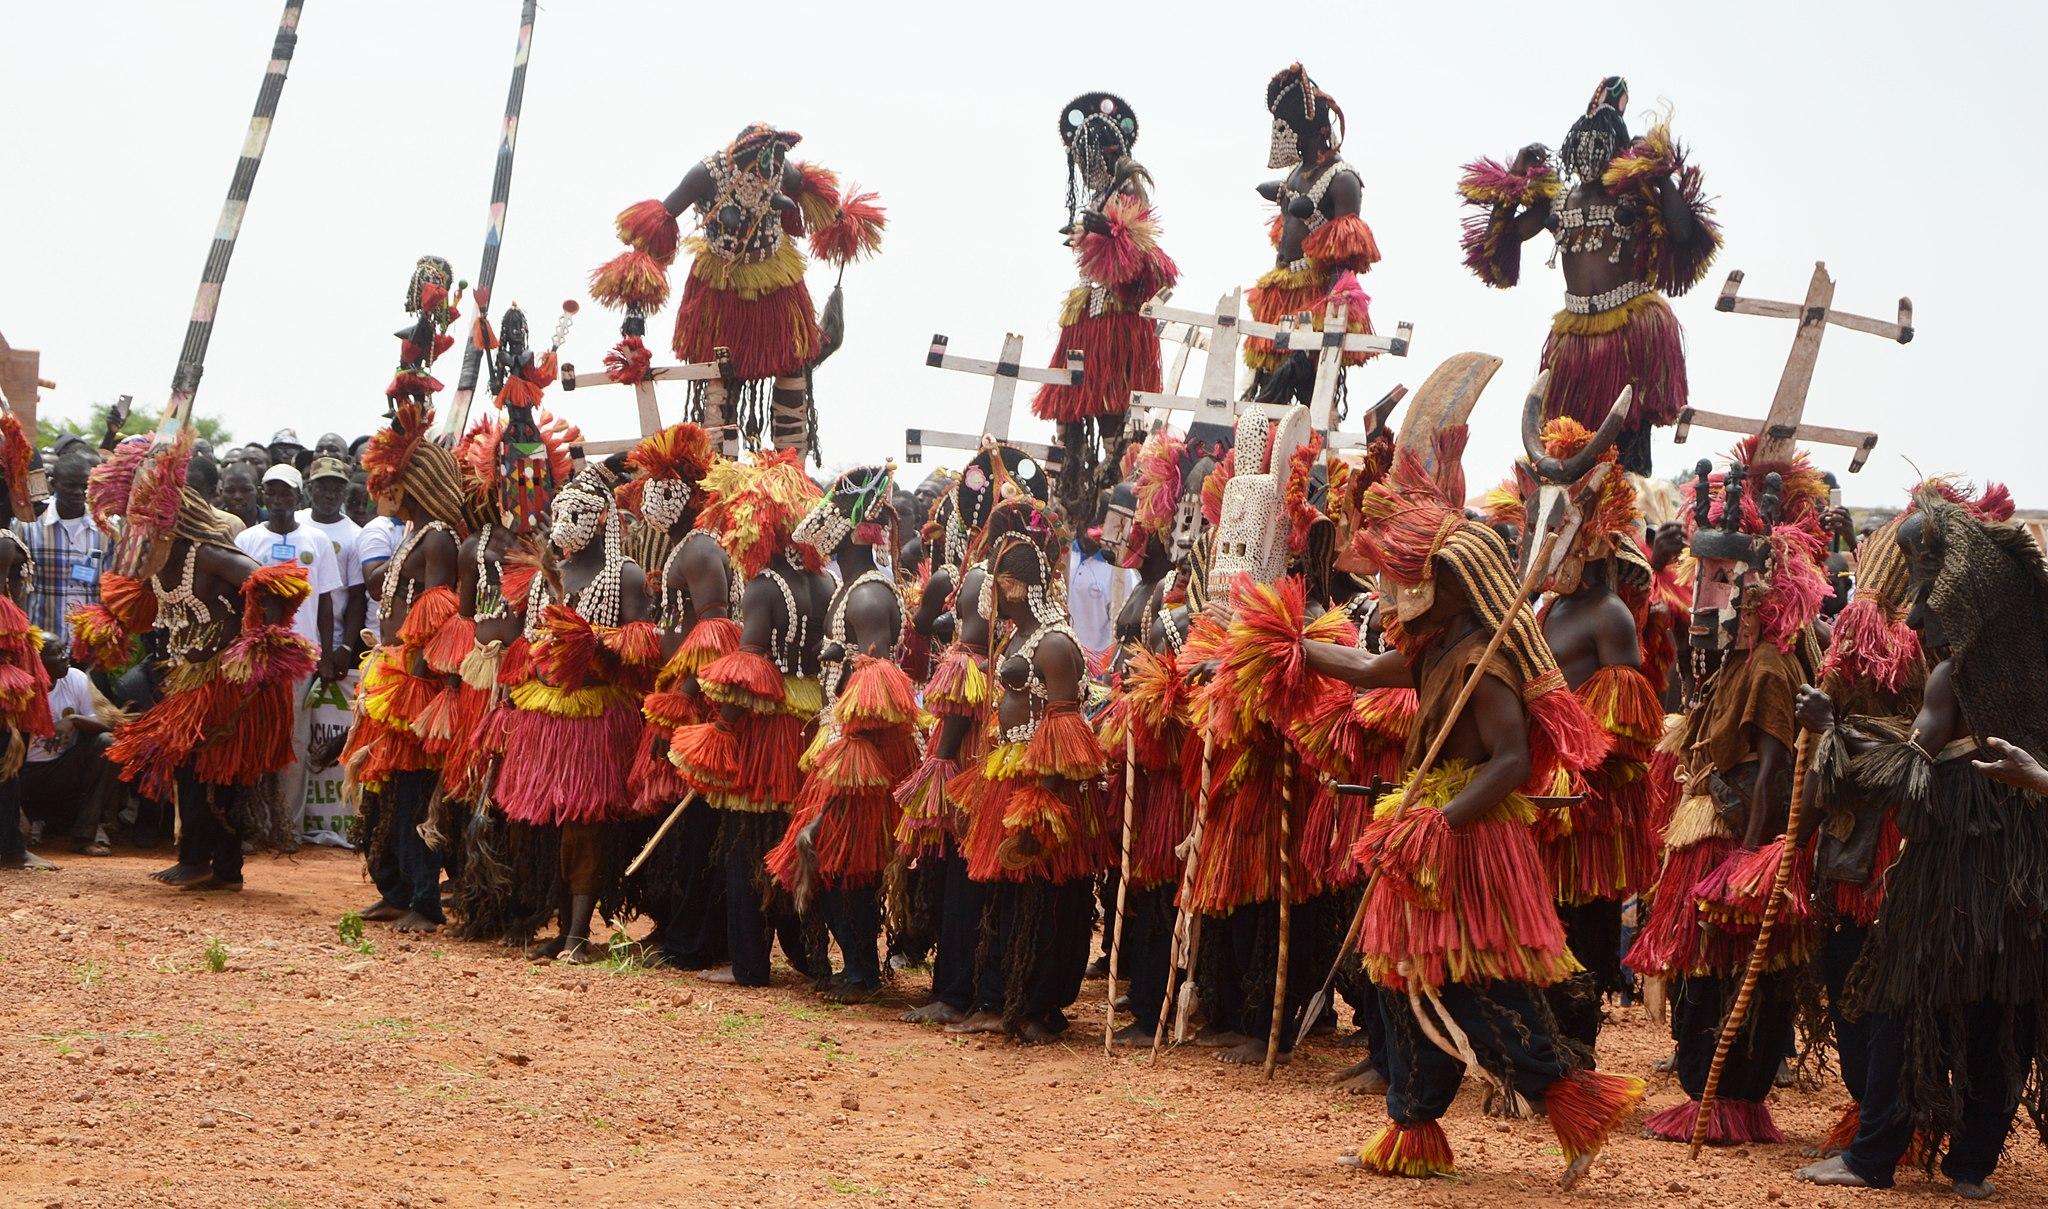 Dama, danse des masques chez les Dogons comme rite funéraire